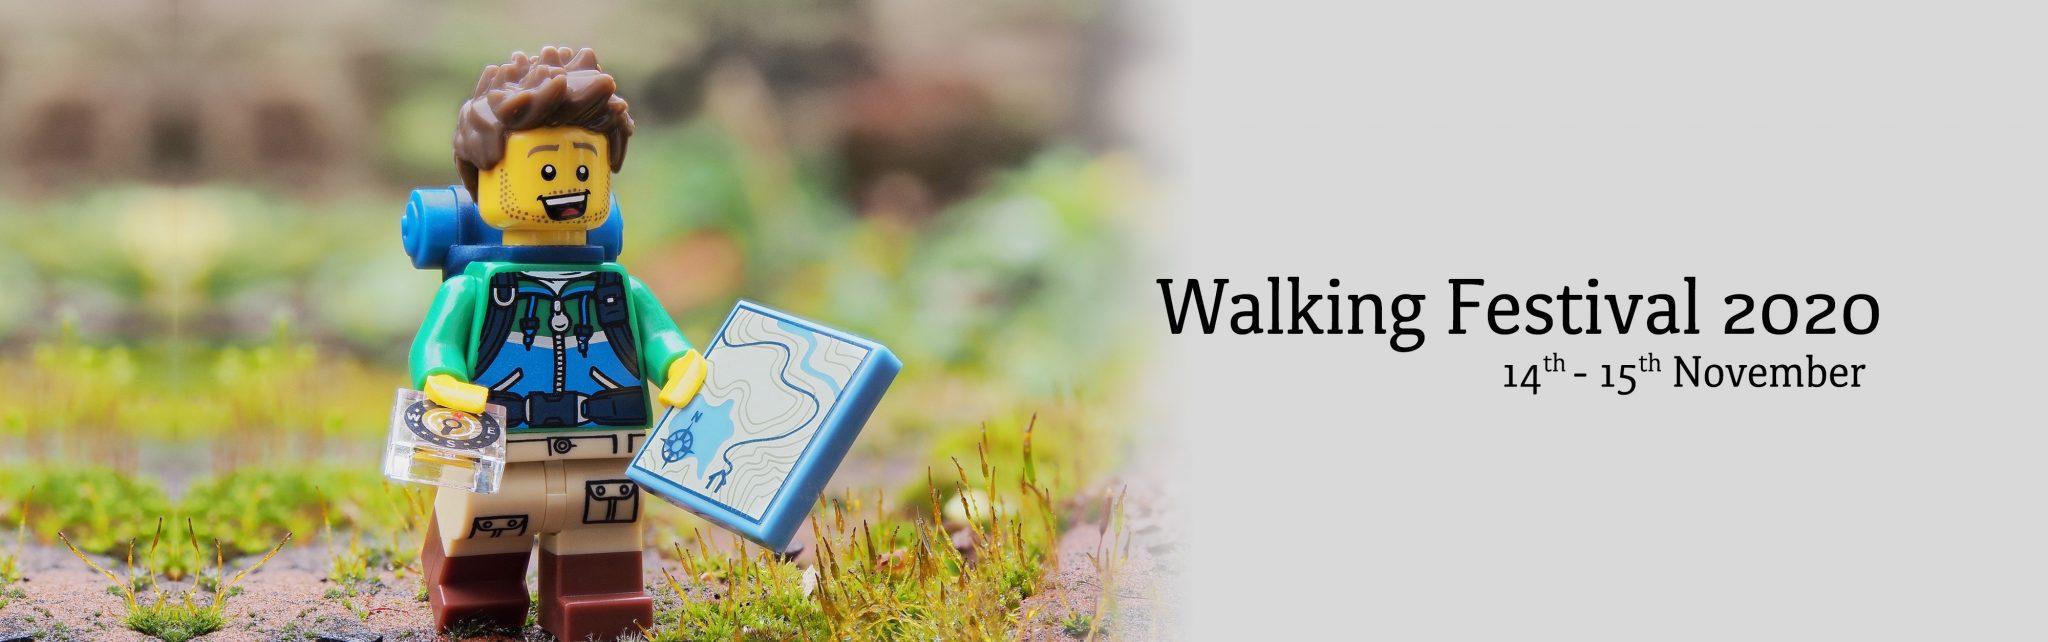 Walking Festival 2020 banner